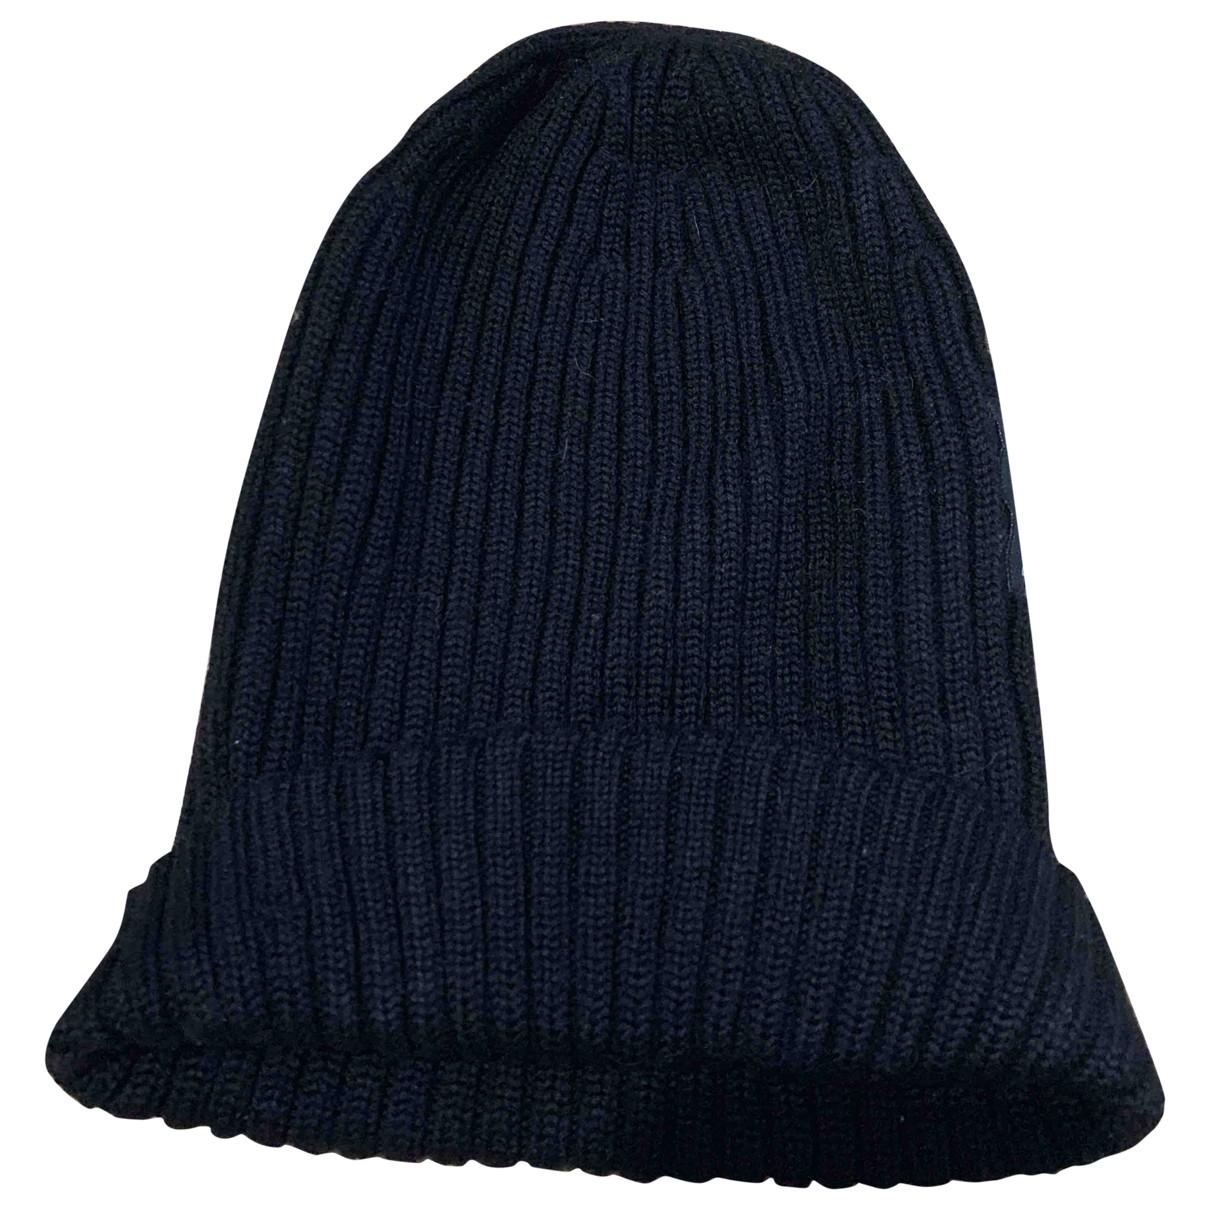 Dolce & Gabbana - Chapeau & Bonnets   pour homme en laine - noir